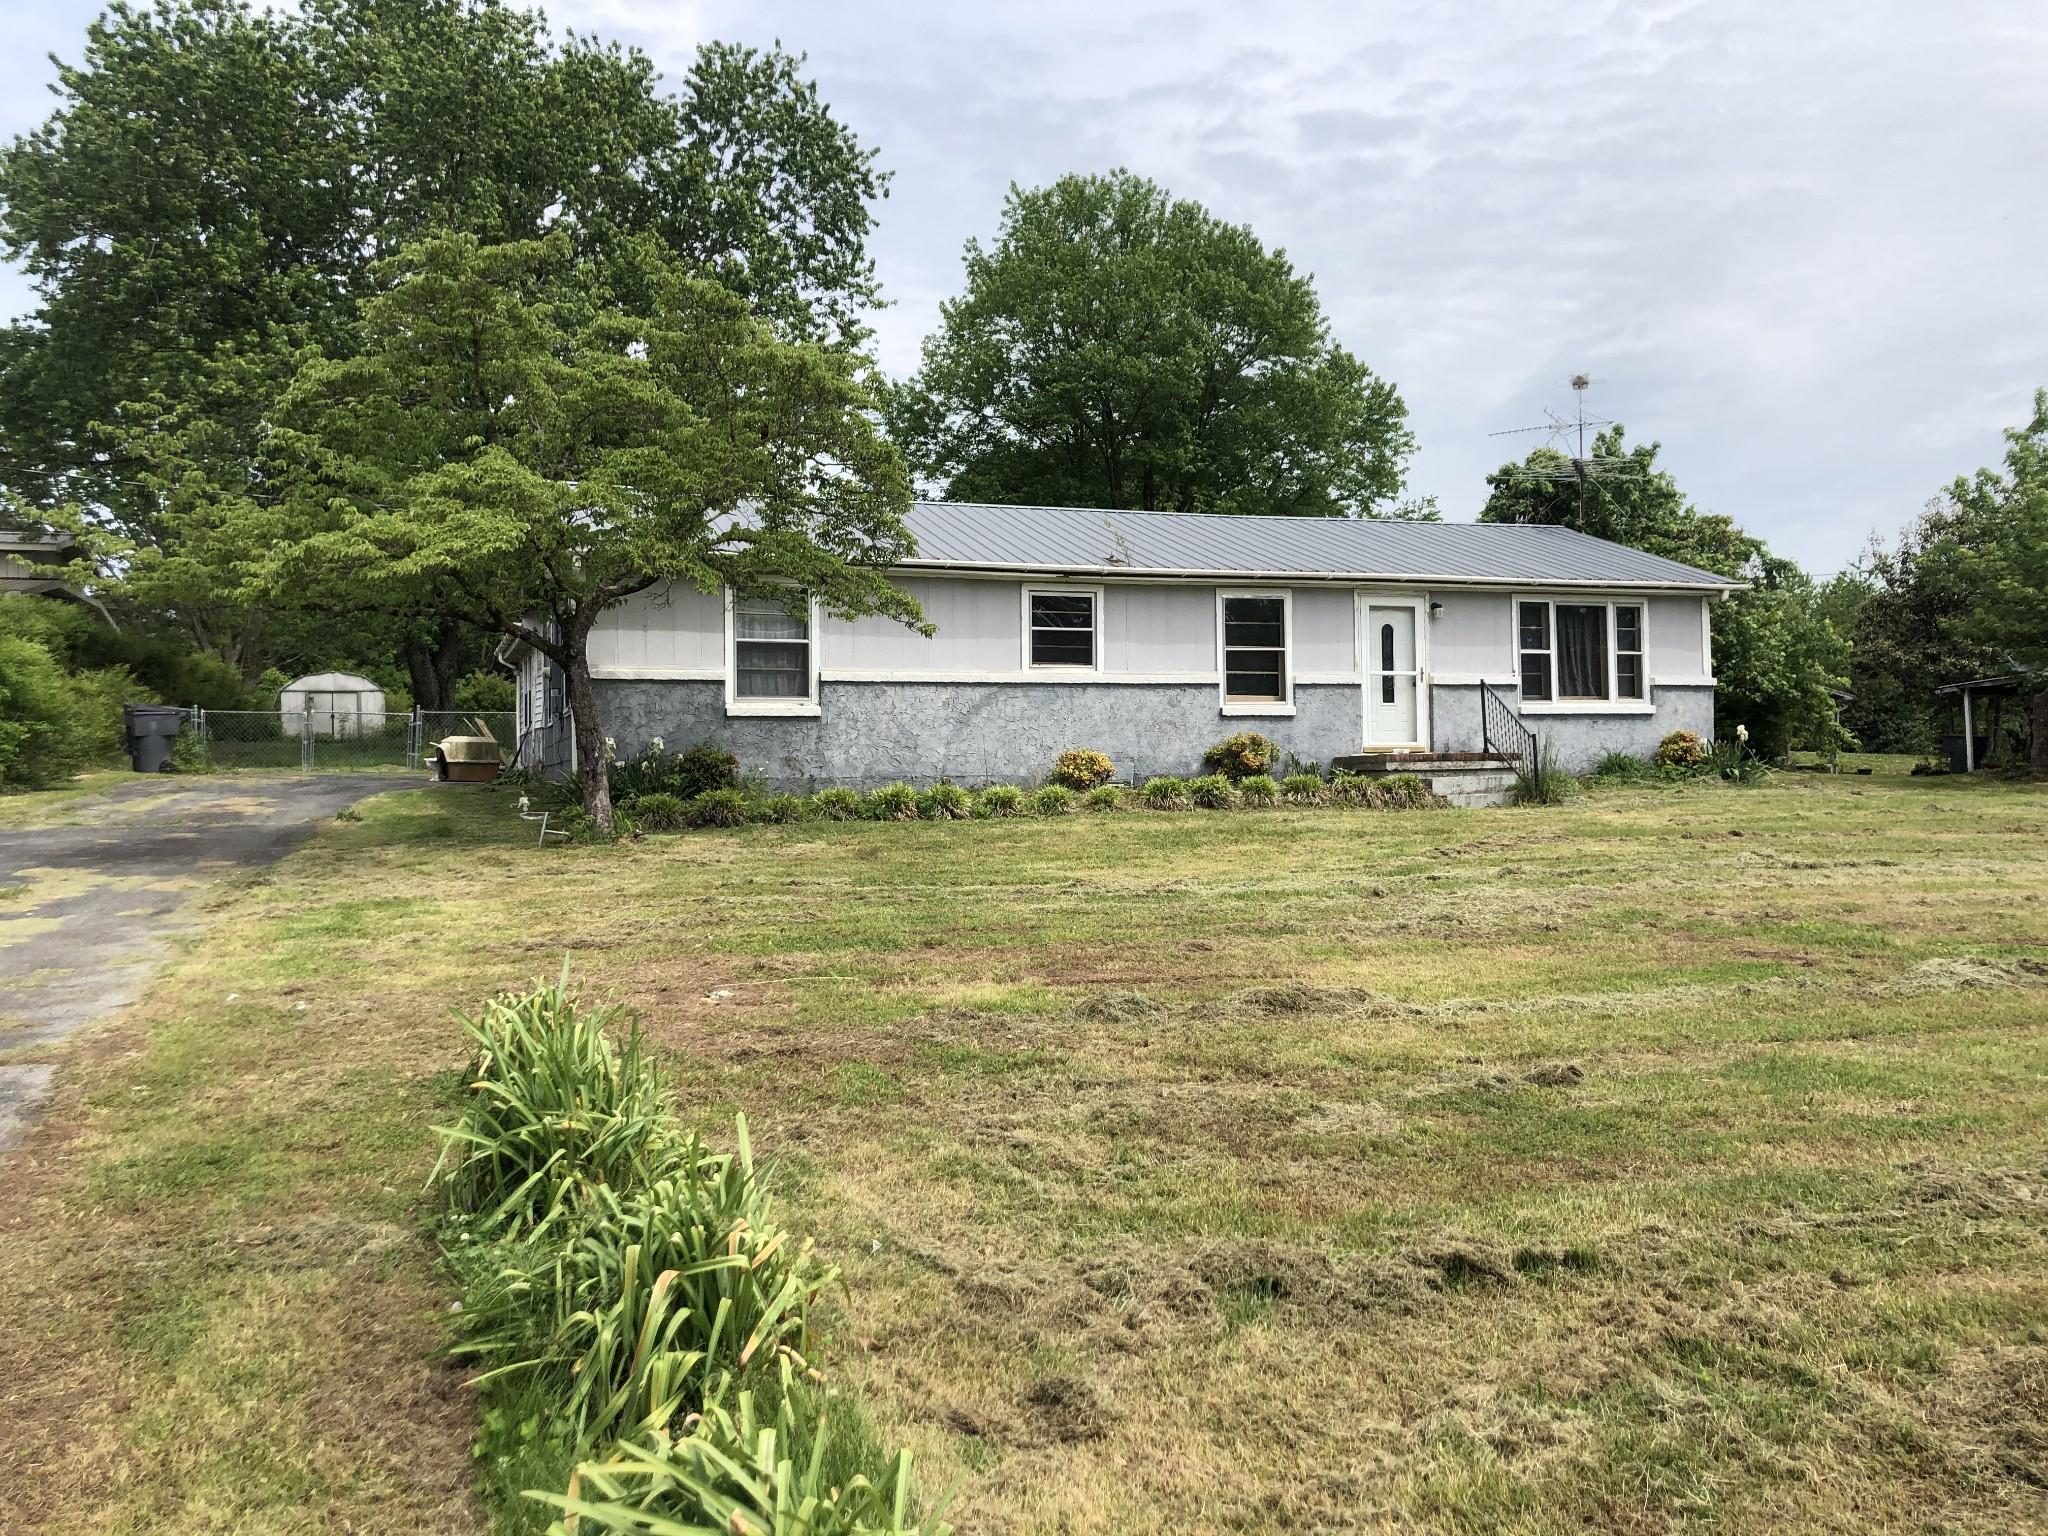 406 Falla St Property Photo - Mc Minnville, TN real estate listing